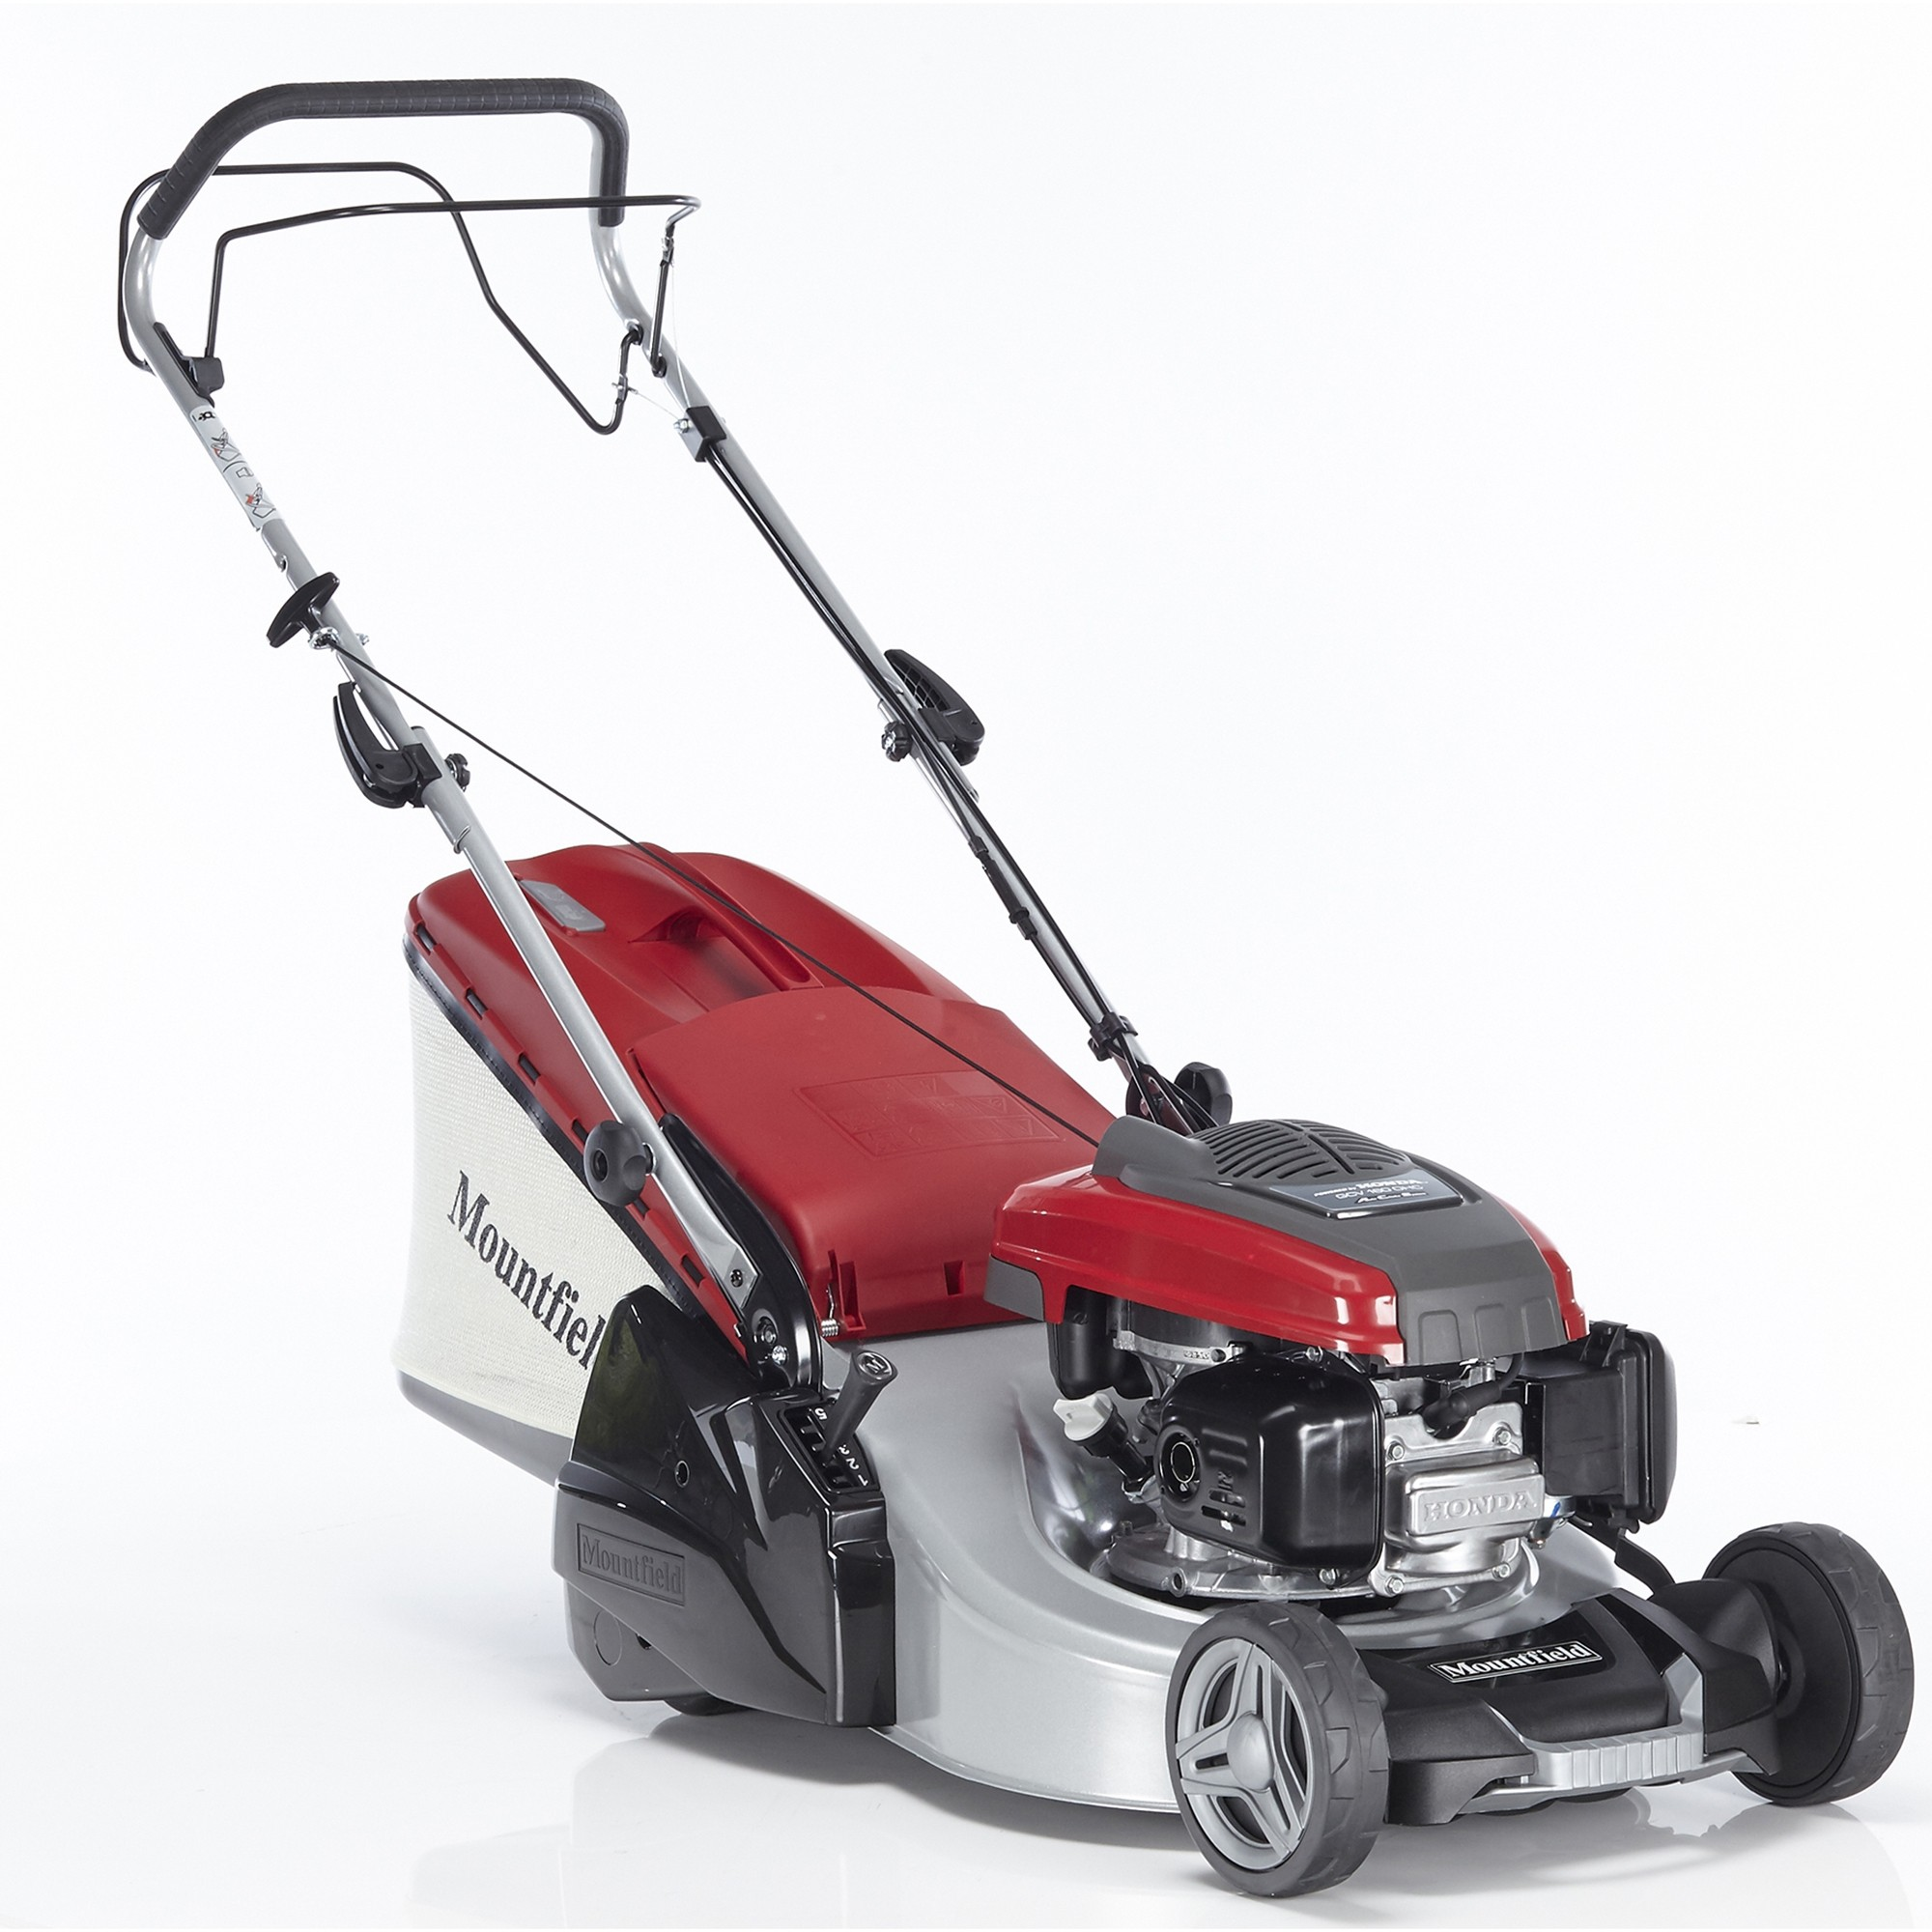 Mountfield SP465R 46CM Self-Propelled Rear Roller Lawn Mower